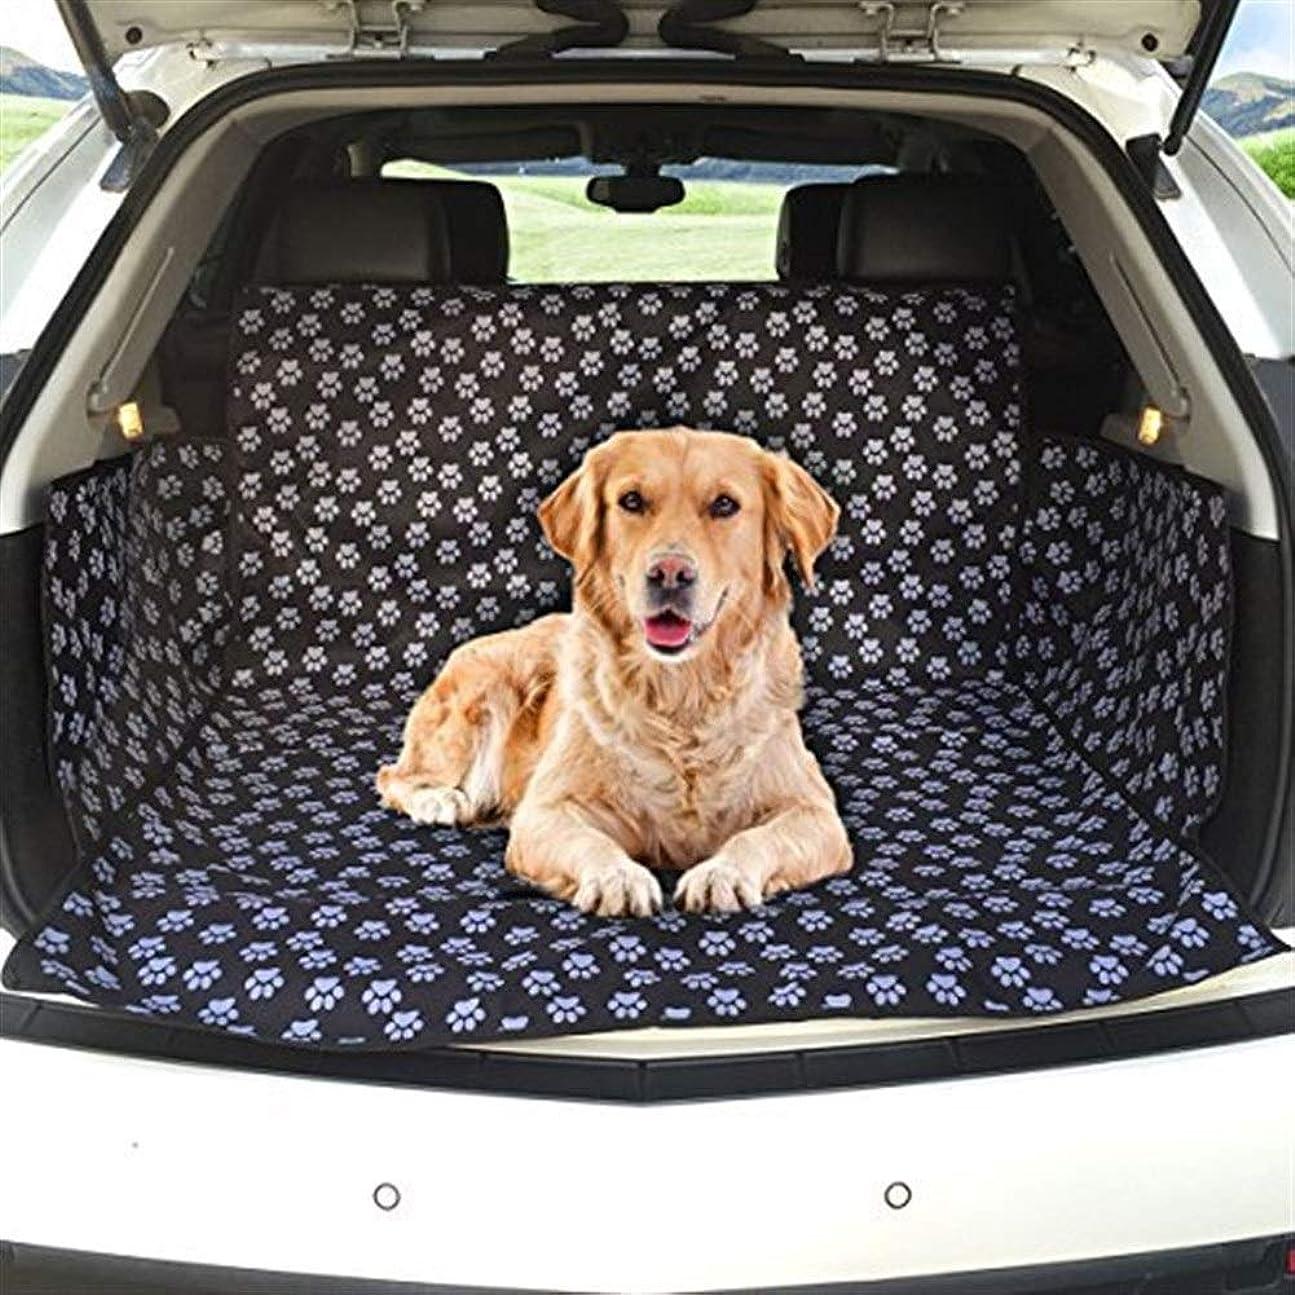 歌うハシー木材JSFQ 犬用カーブーツカバーカーブーツライナープロテクター防水ブーツプロテクターマットサイドプロテクション付きトランクドッグカバーほとんどの車、SUV、バン、トラックに適合(かわいい犬の爪)